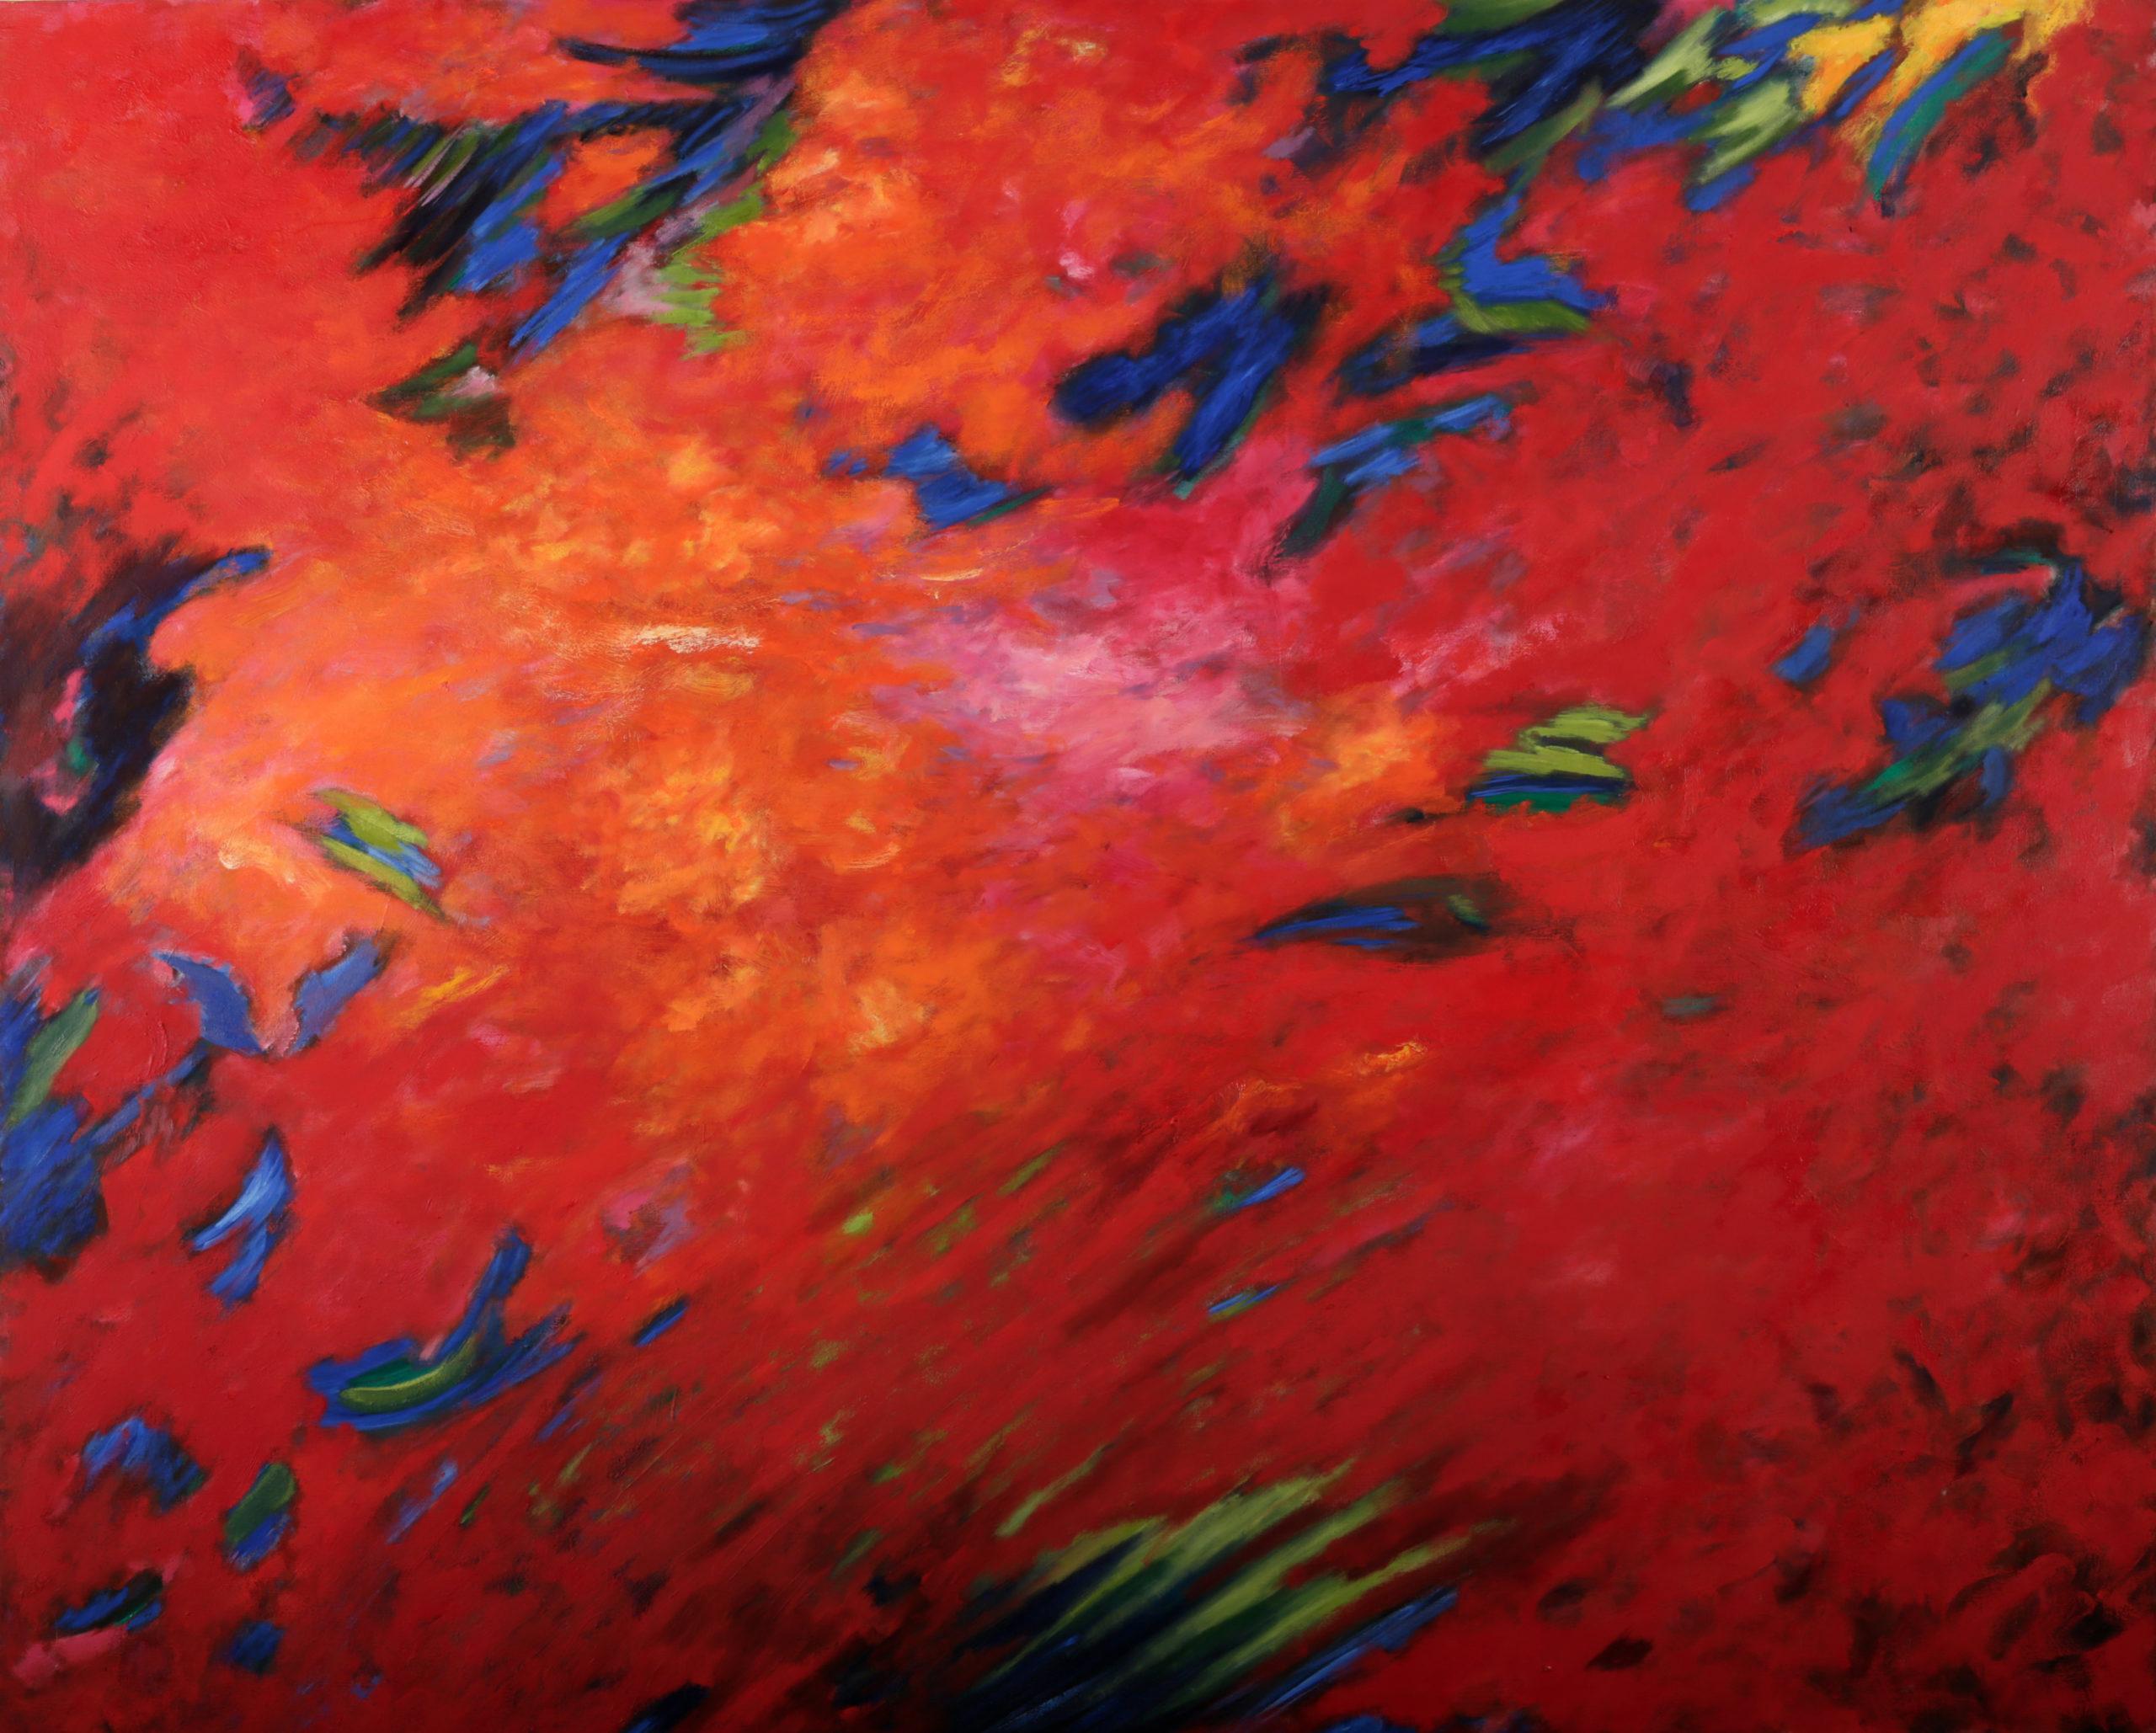 rouge, bleu vert, huile sur toile 162 X 130 cm